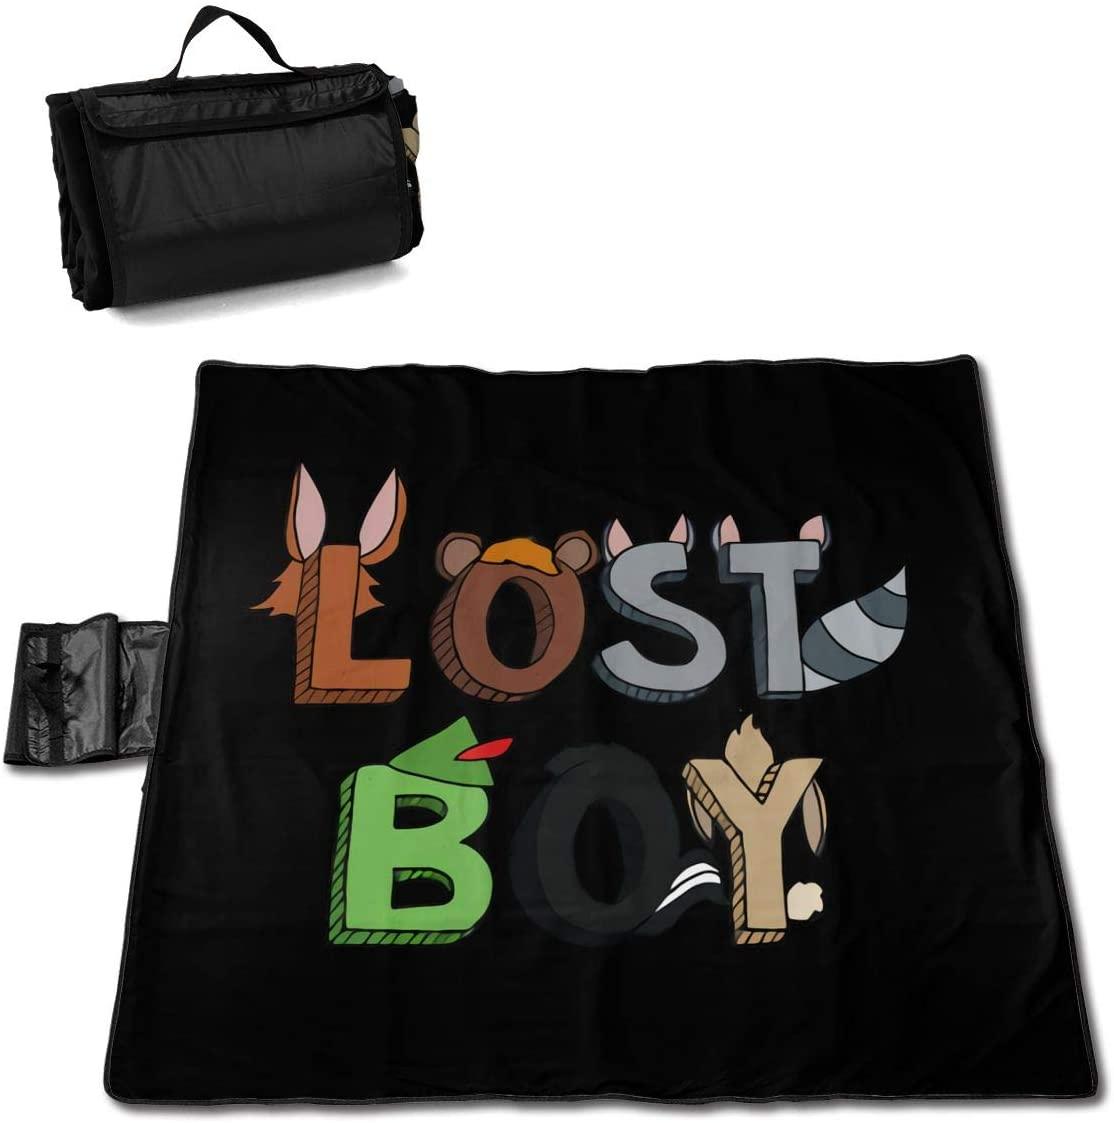 Kelo Lost Boy Portable Printed Picnic Blanket Waterproof 59x57(in)